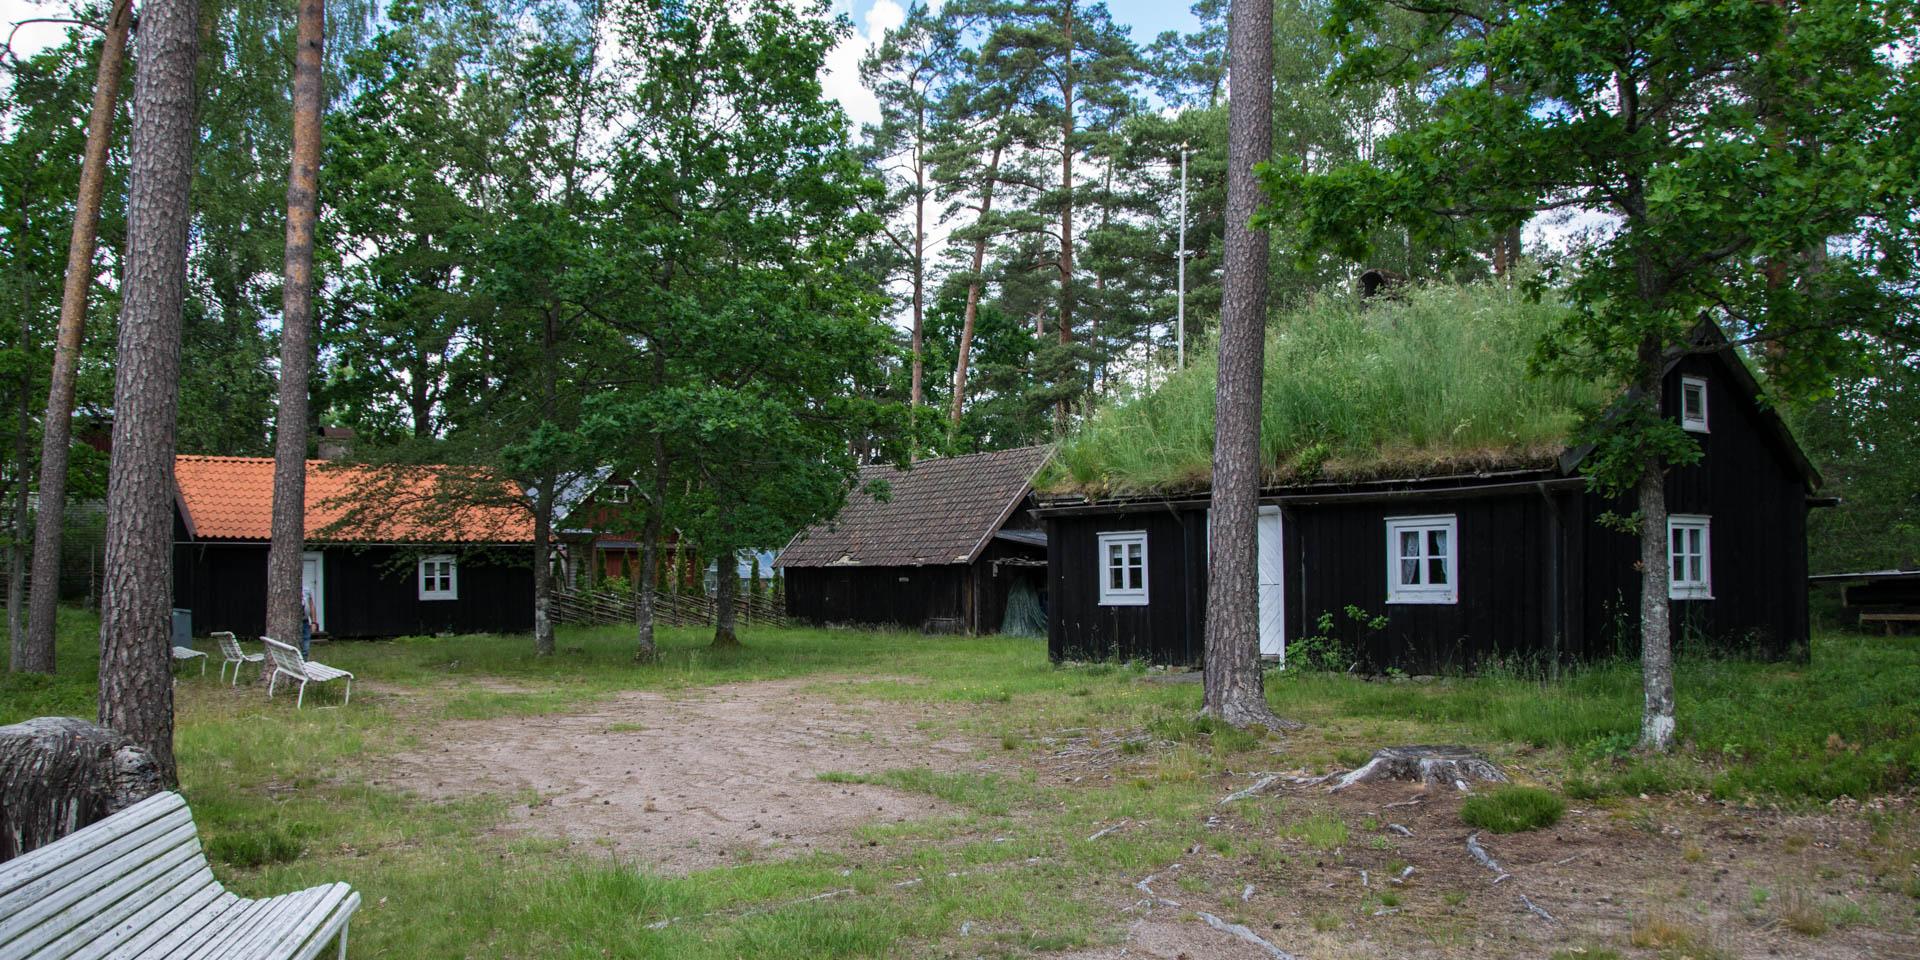 Göteryds Hembygdspark 2019